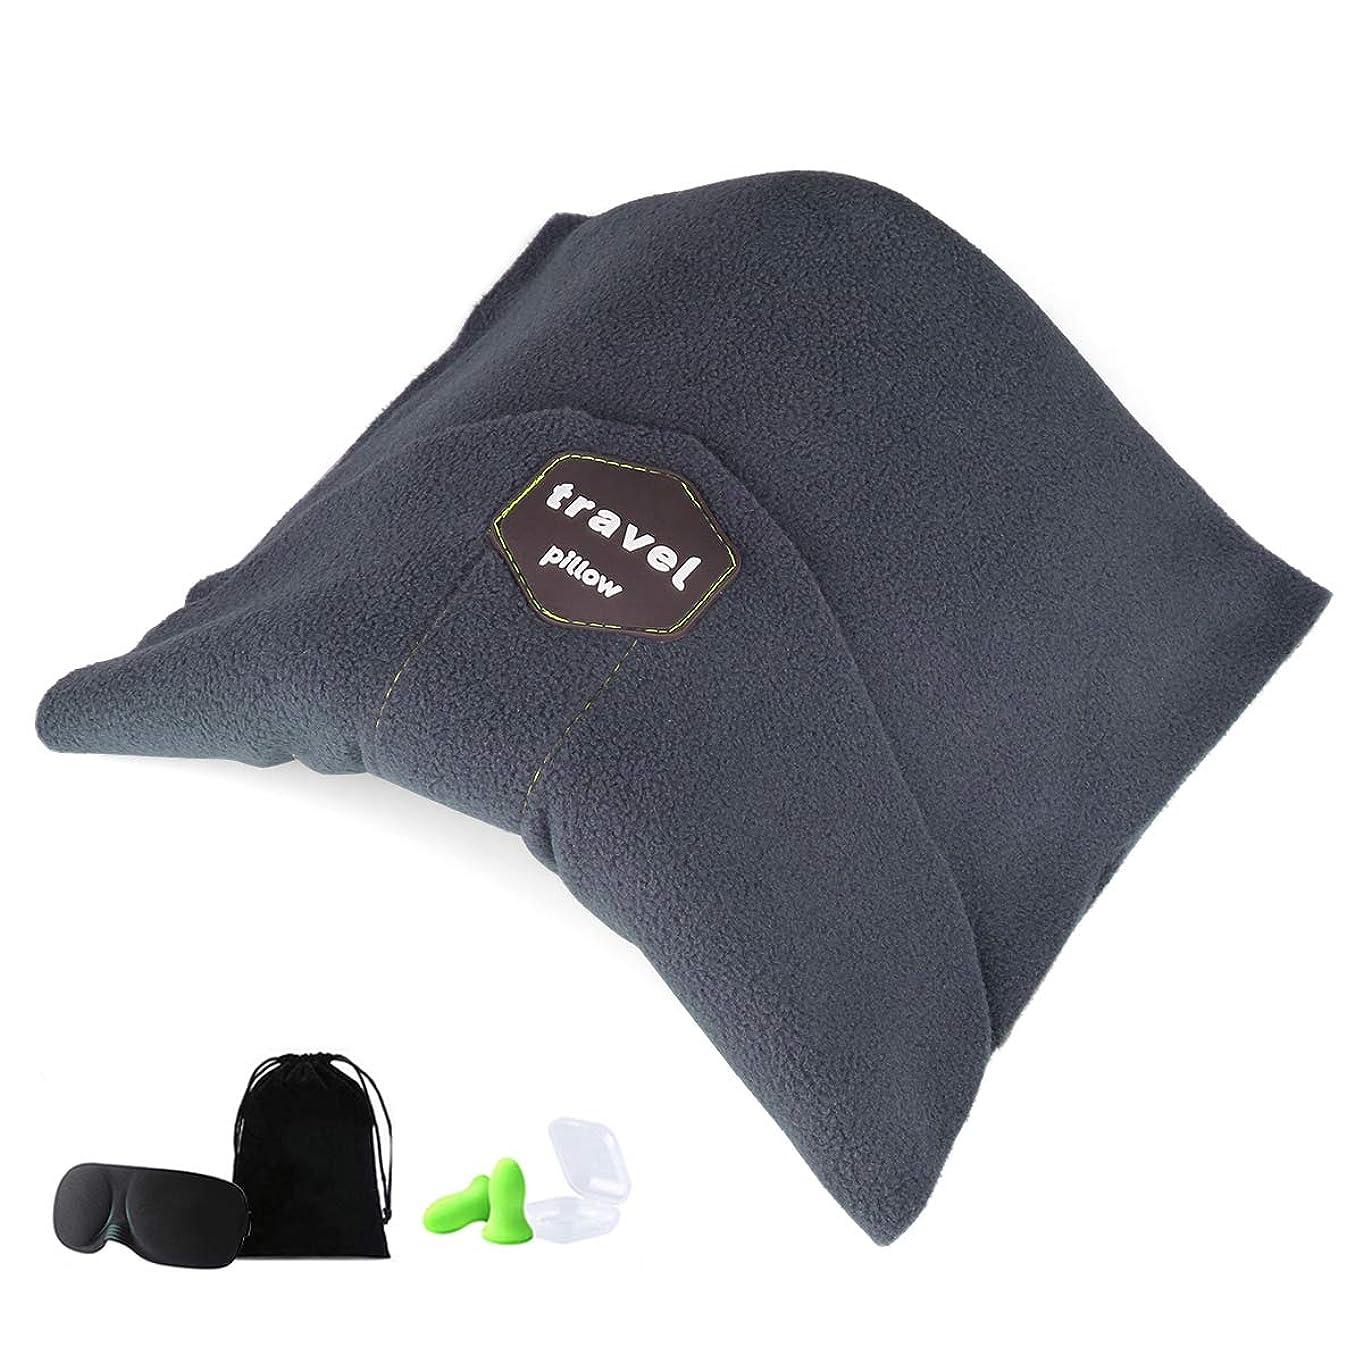 独立したフェデレーション用語集ネックピロー 低反発 スカーフ式 進化バージョン おまけ2点セット アイマスク(収納ポーチ付き) 耳栓(収納ケース付き)